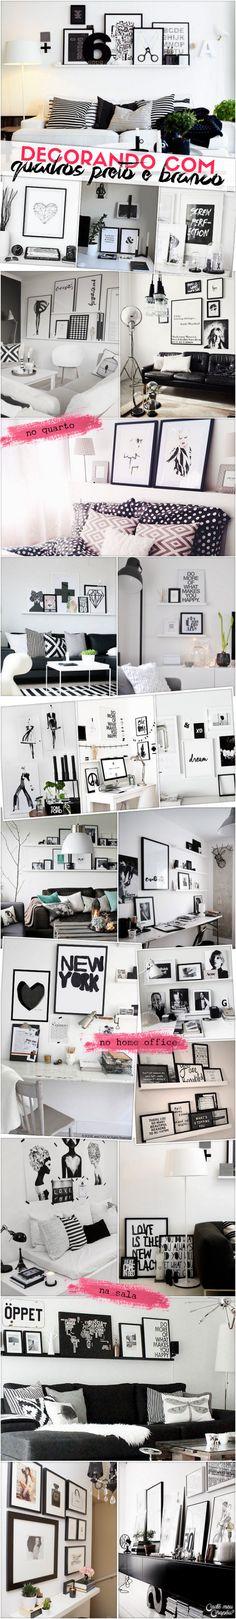 Decoração preto e branco | Black and white decor | http://cademeuchapeu.com